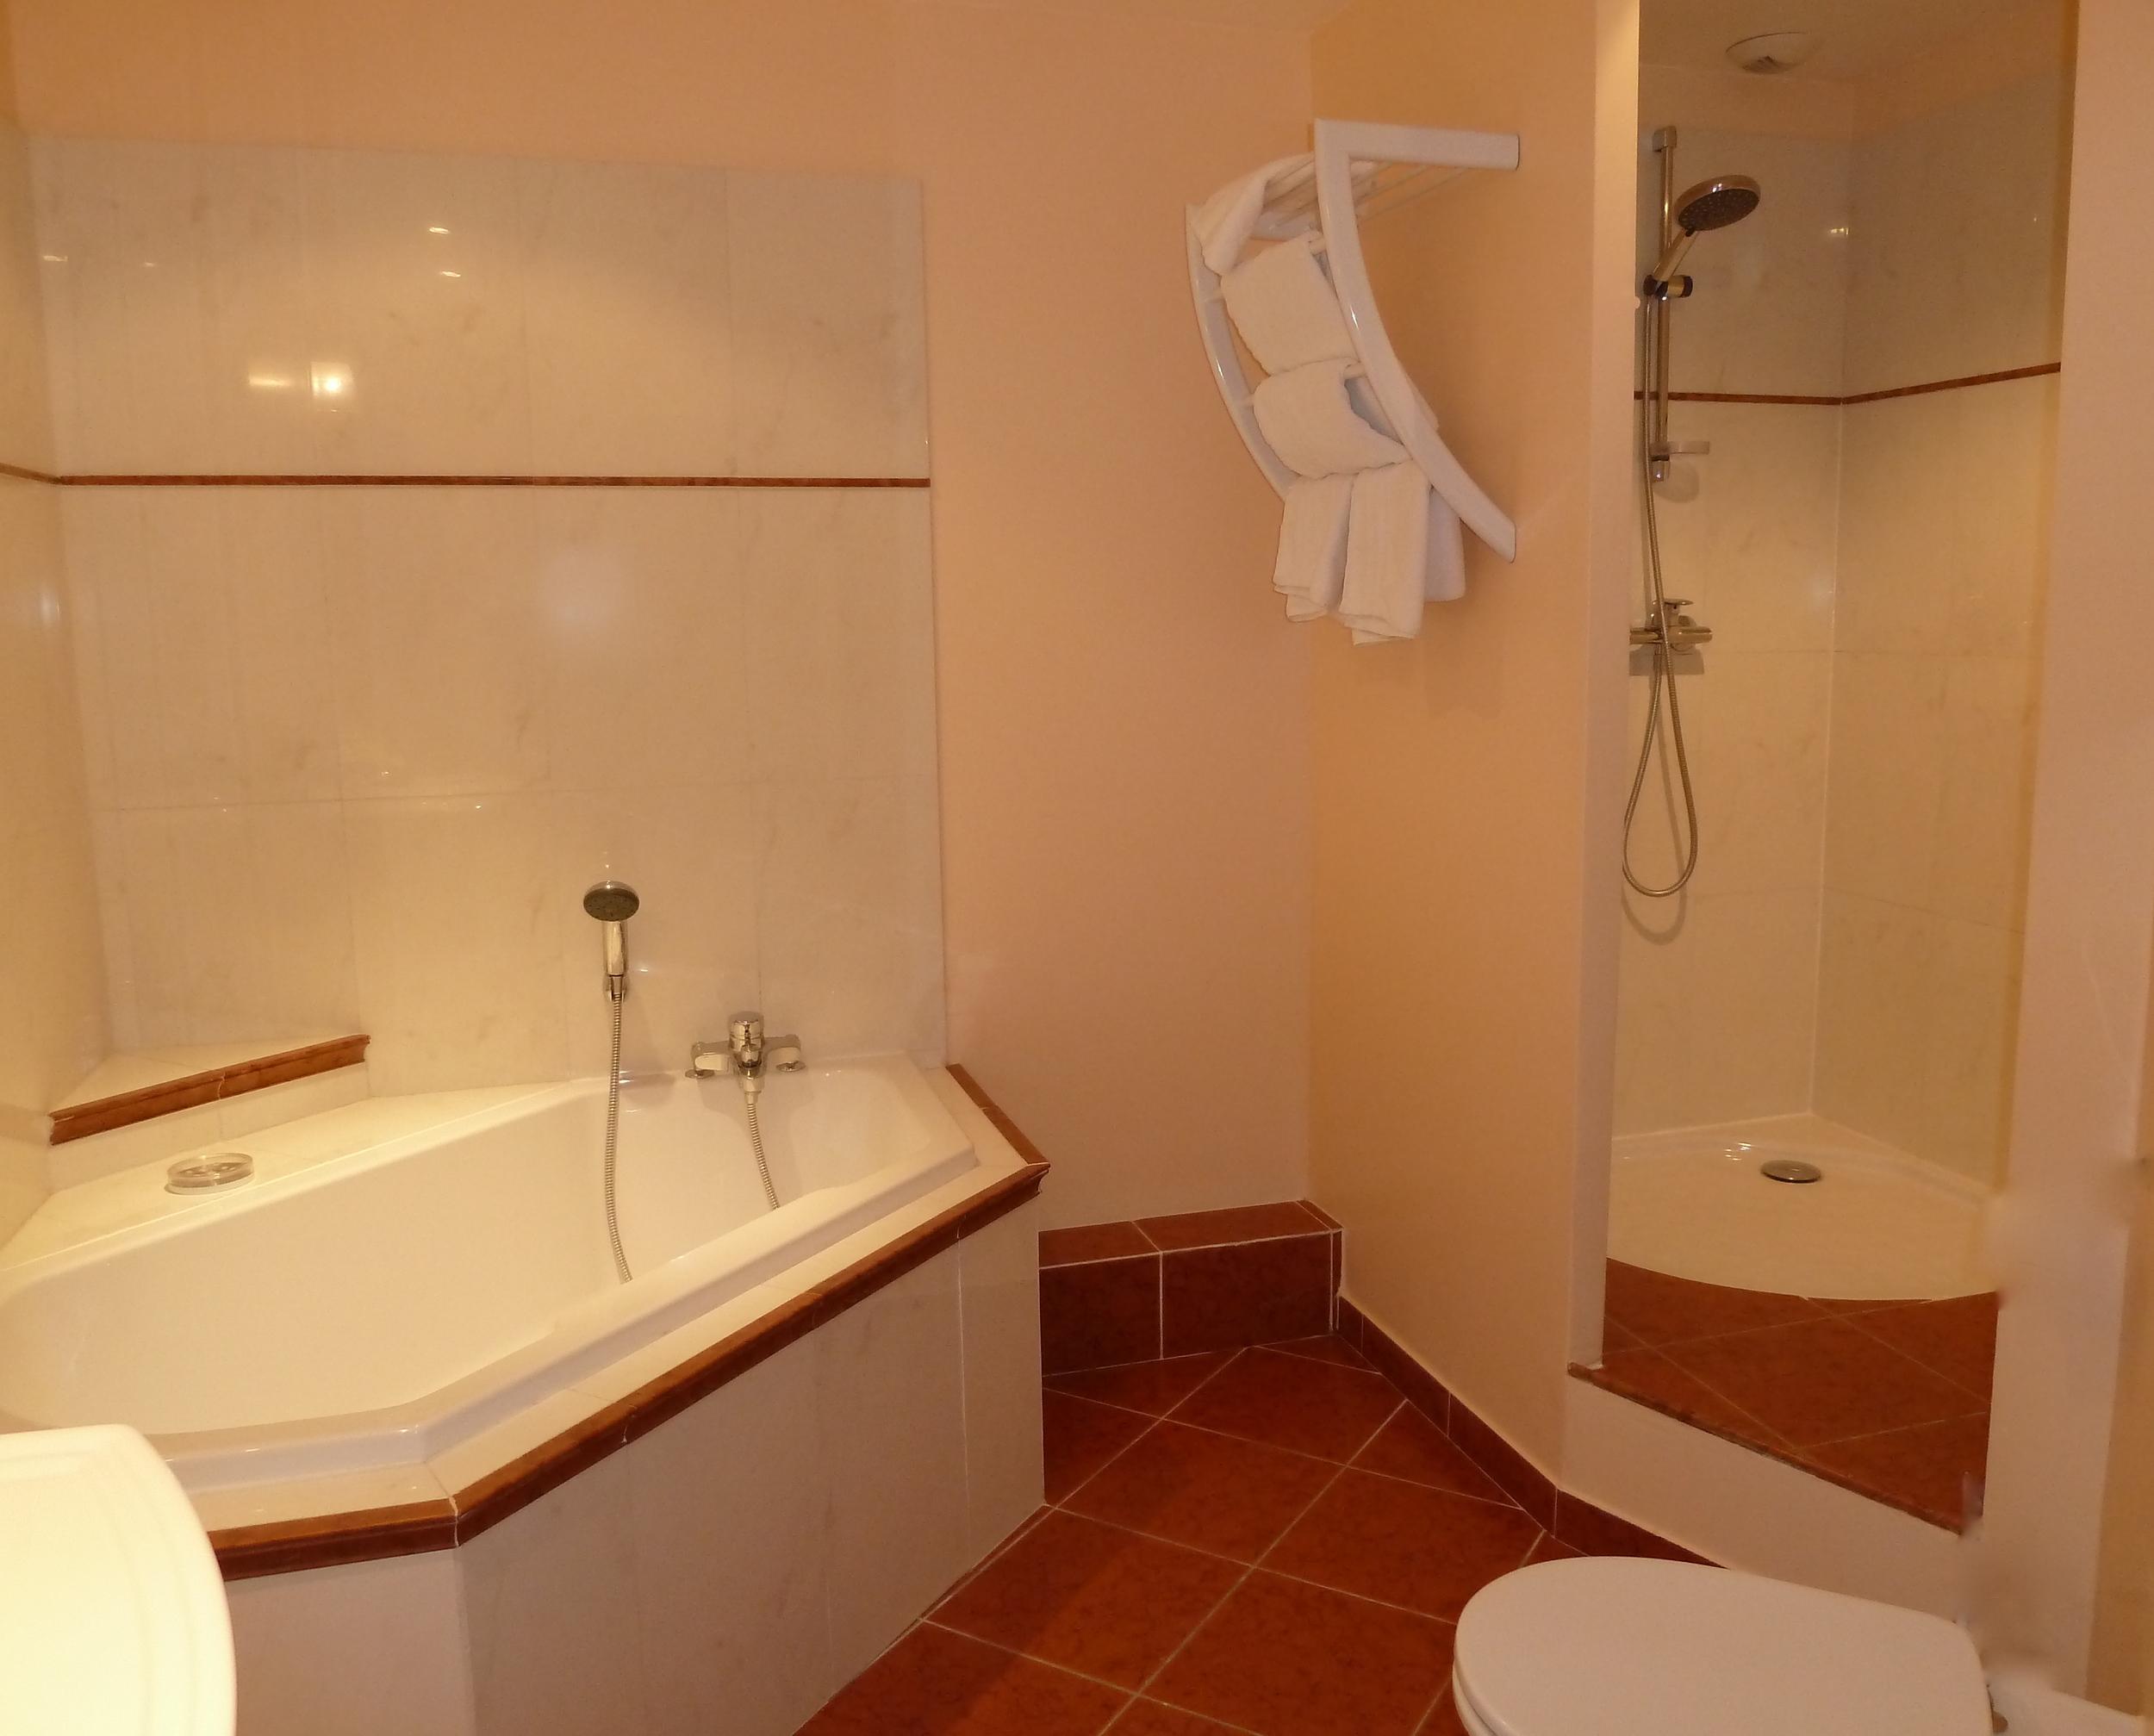 salle de bains avec baignoire et douche à italienne/bathroom with-bathtub and italian shower